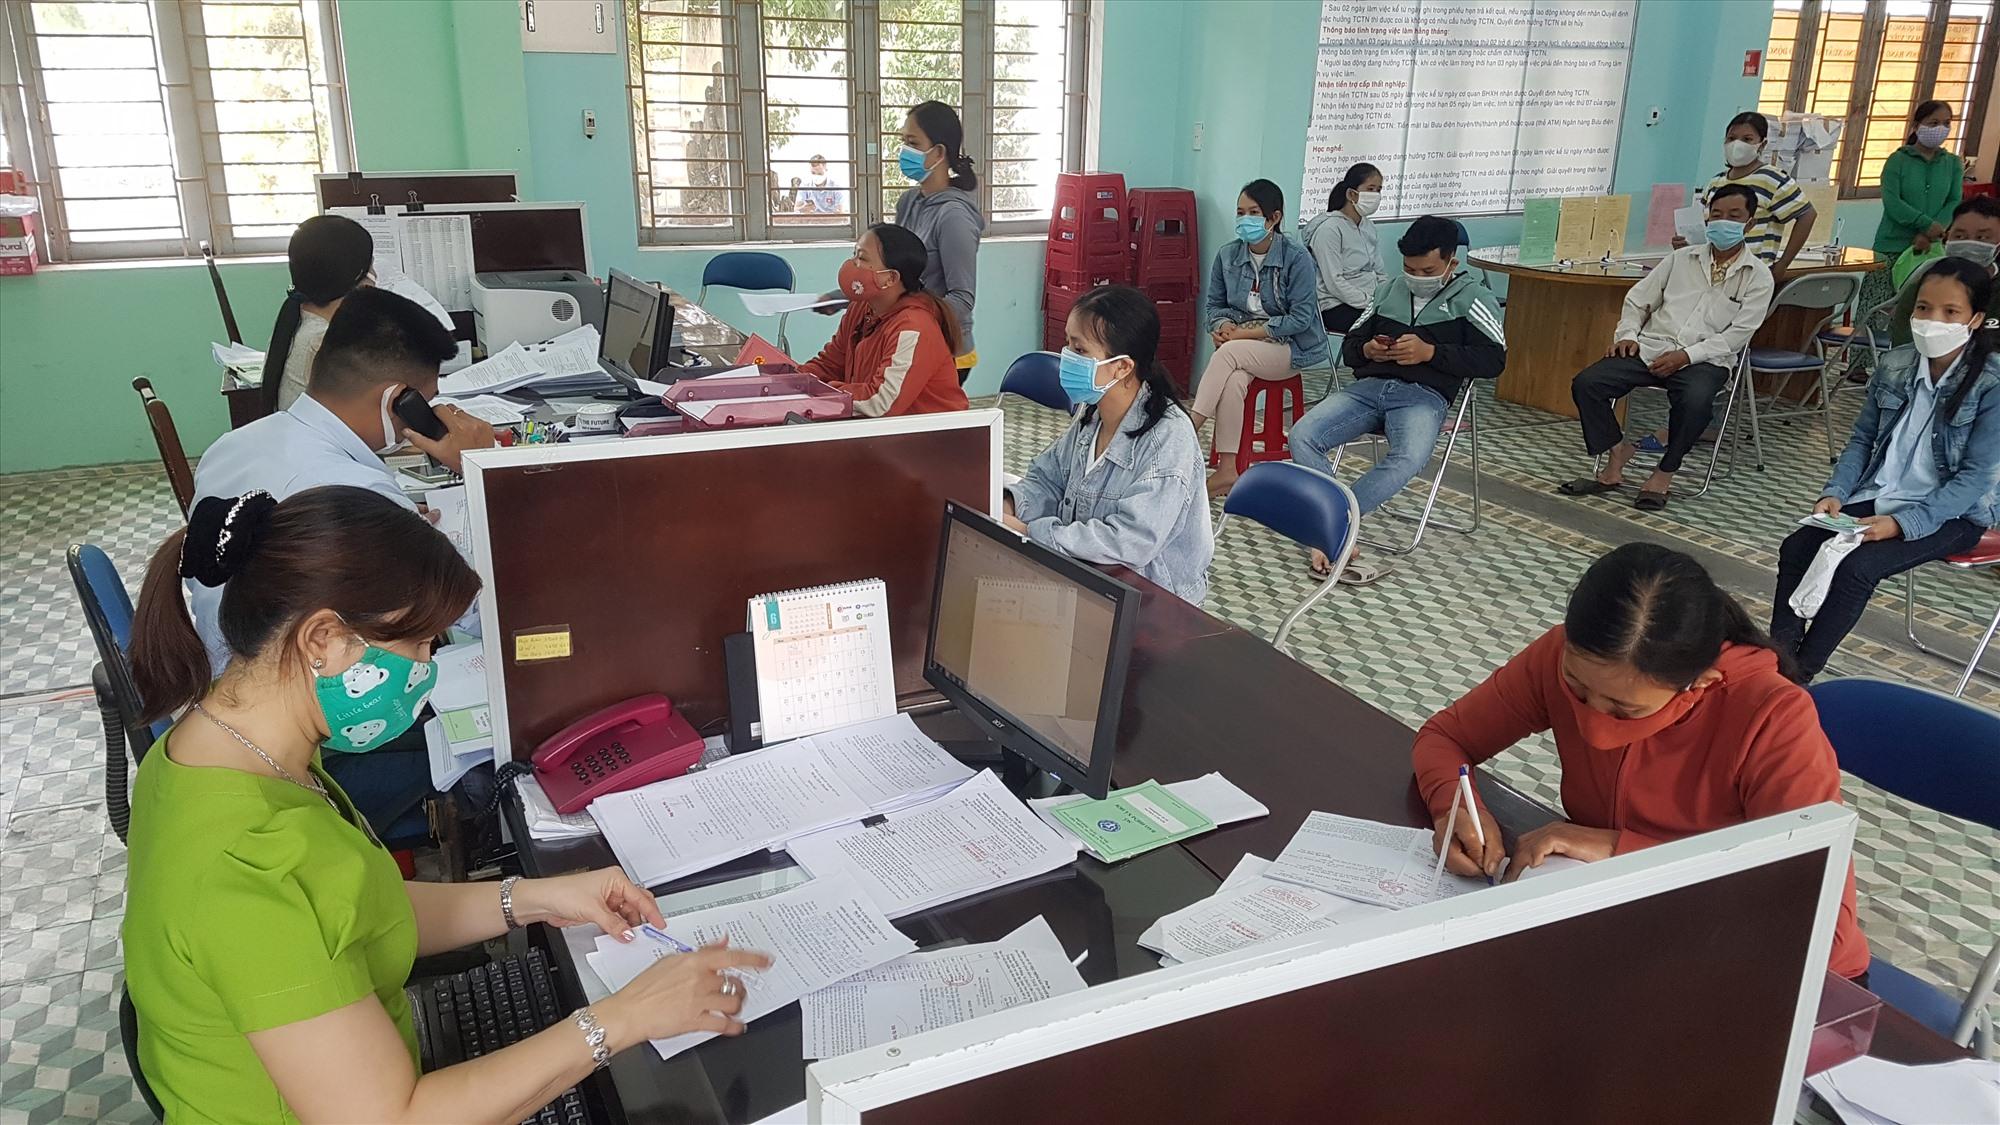 Lao động đến đề nghị giải quyết bảo hiểm thất nghiệp tại Trung tâm Dịch vụ việc làm tỉnh. Ảnh: D.L